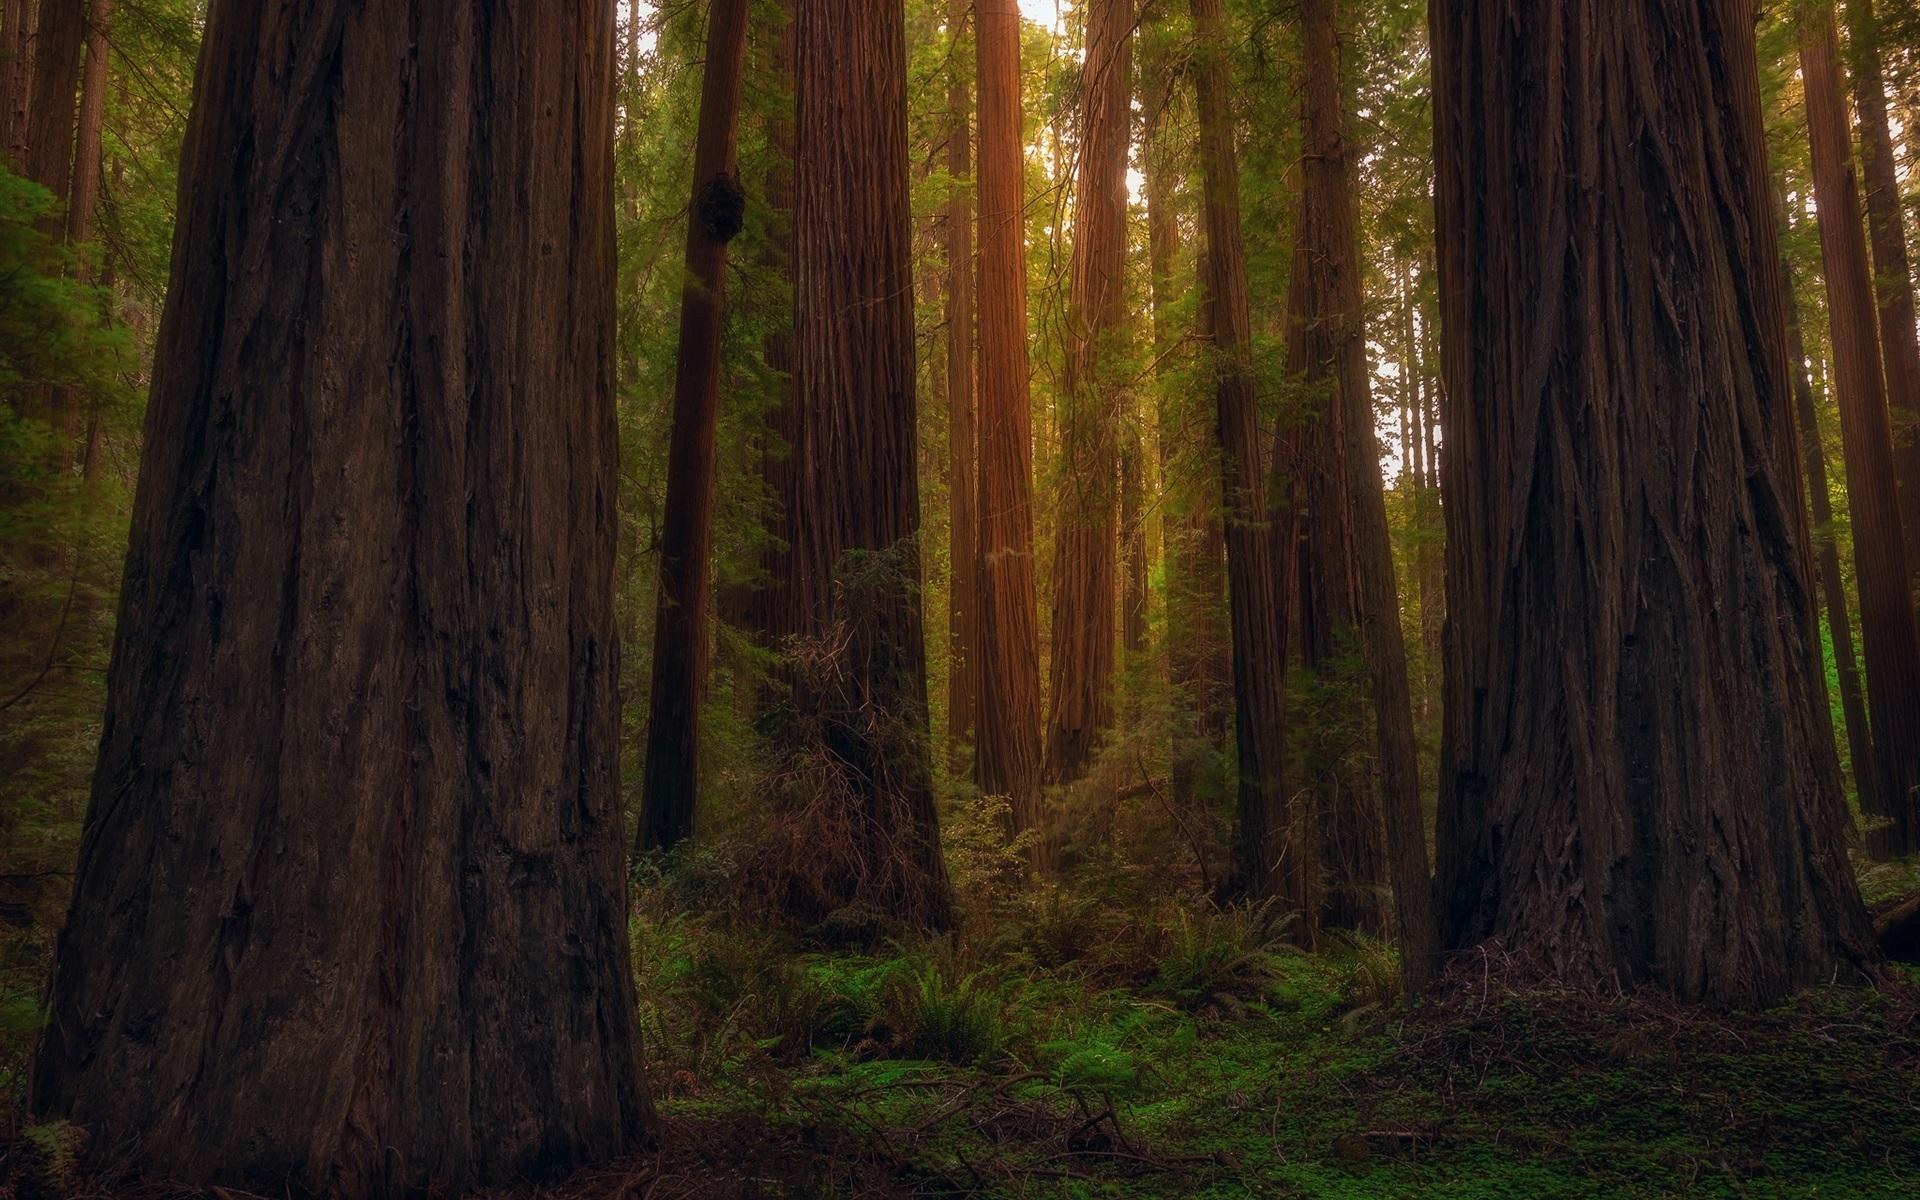 Обои сша, туман, национальный парк редвуд, калифорния. Природа foto 11